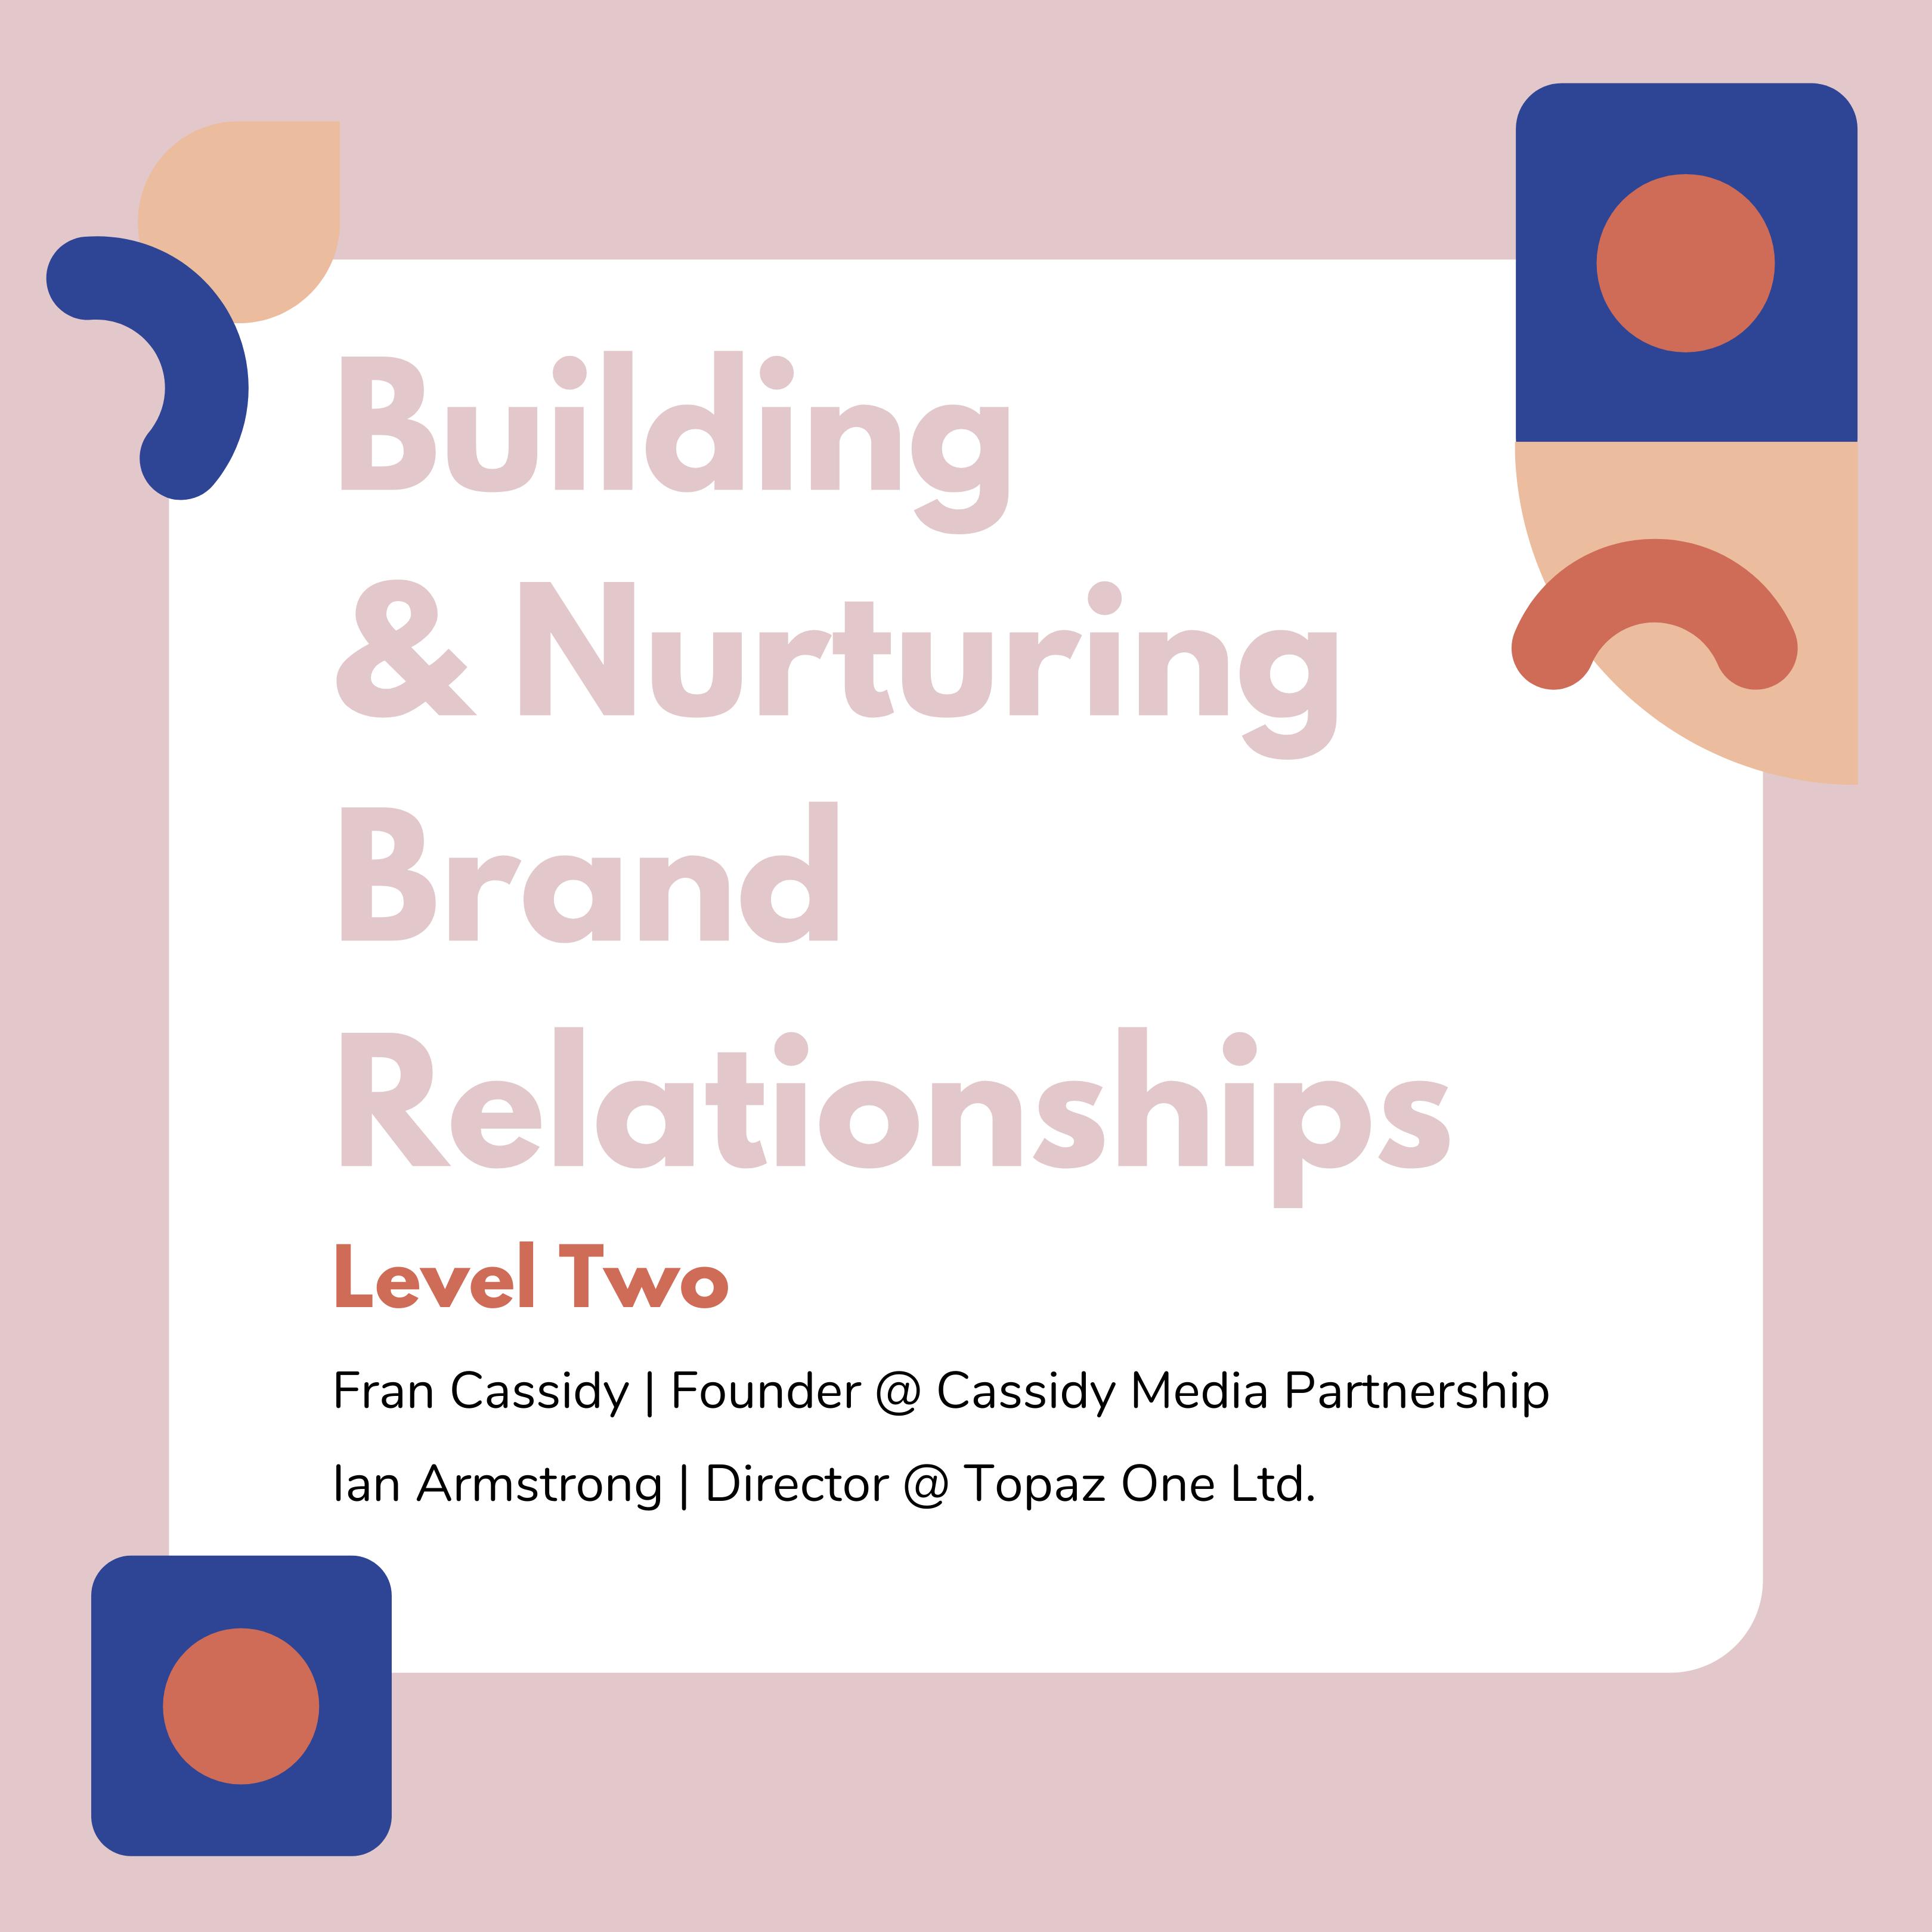 Building & Nurturing Brand Relationships